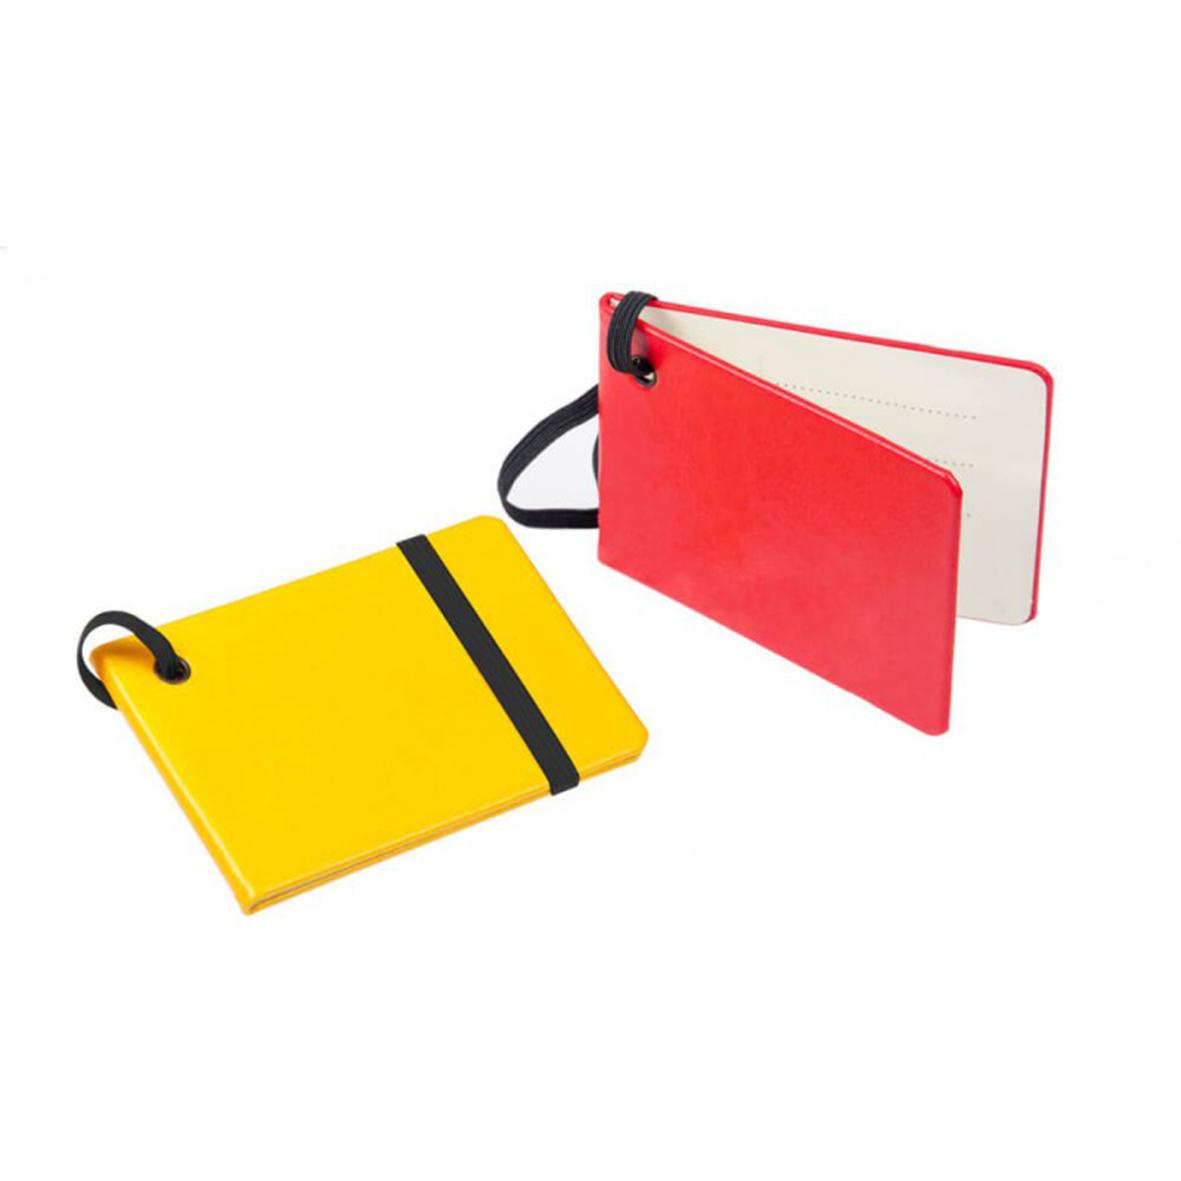 etiquette-a-bagage-avec-elastique1